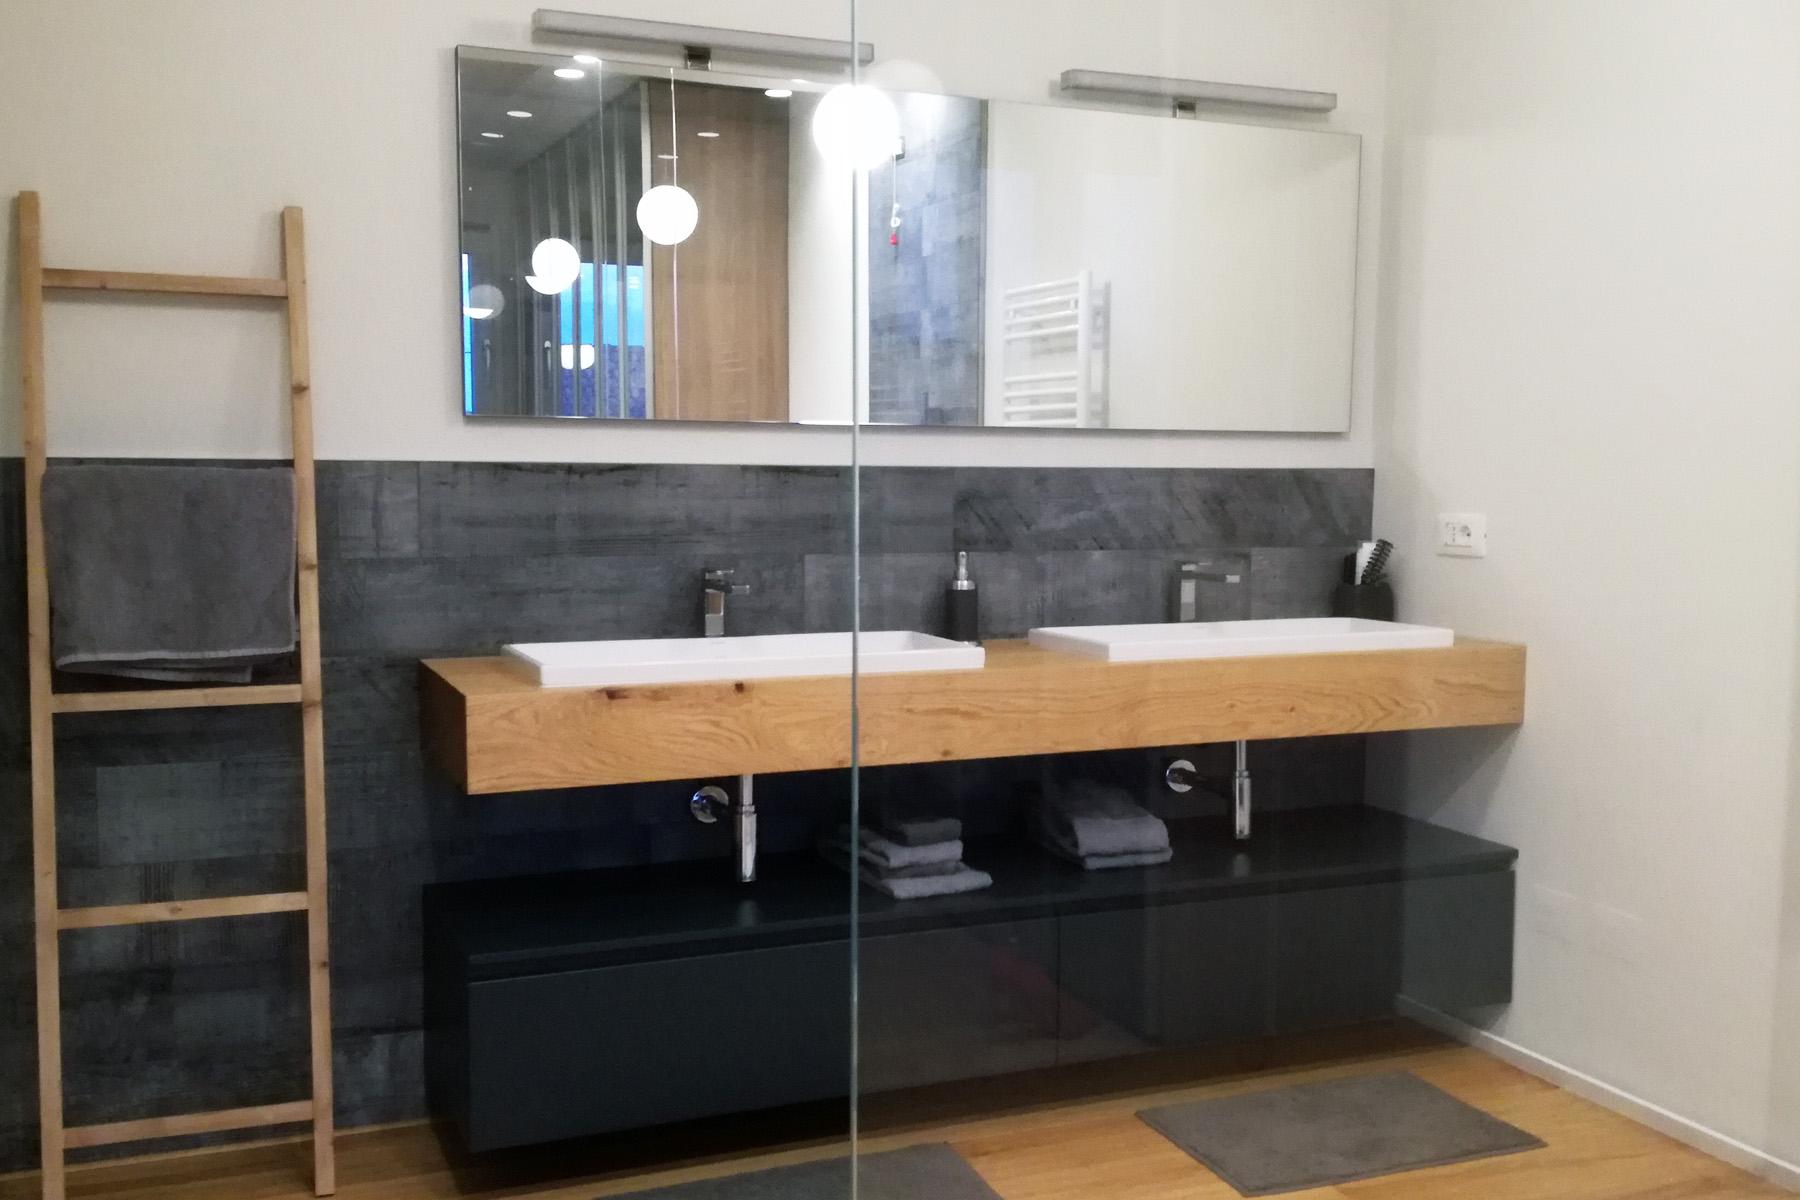 Mobile bagno con mensola in legno doppio lavabo arredamenti